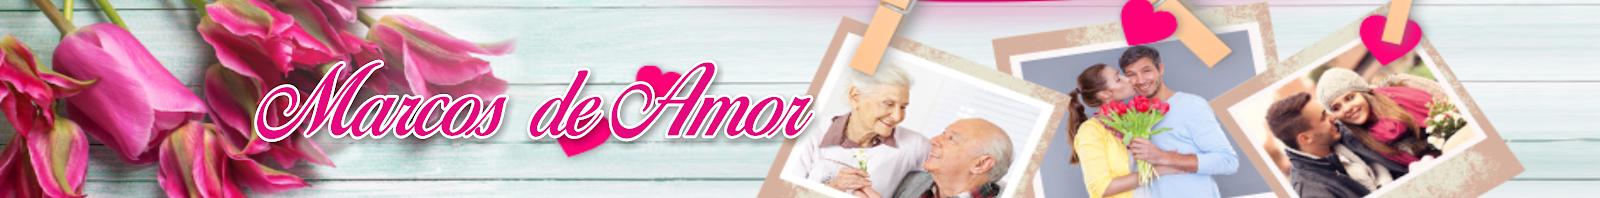 https://imagenes12.com/2018/08/12/hermosos-marcos-de-amor-para-dedicar/